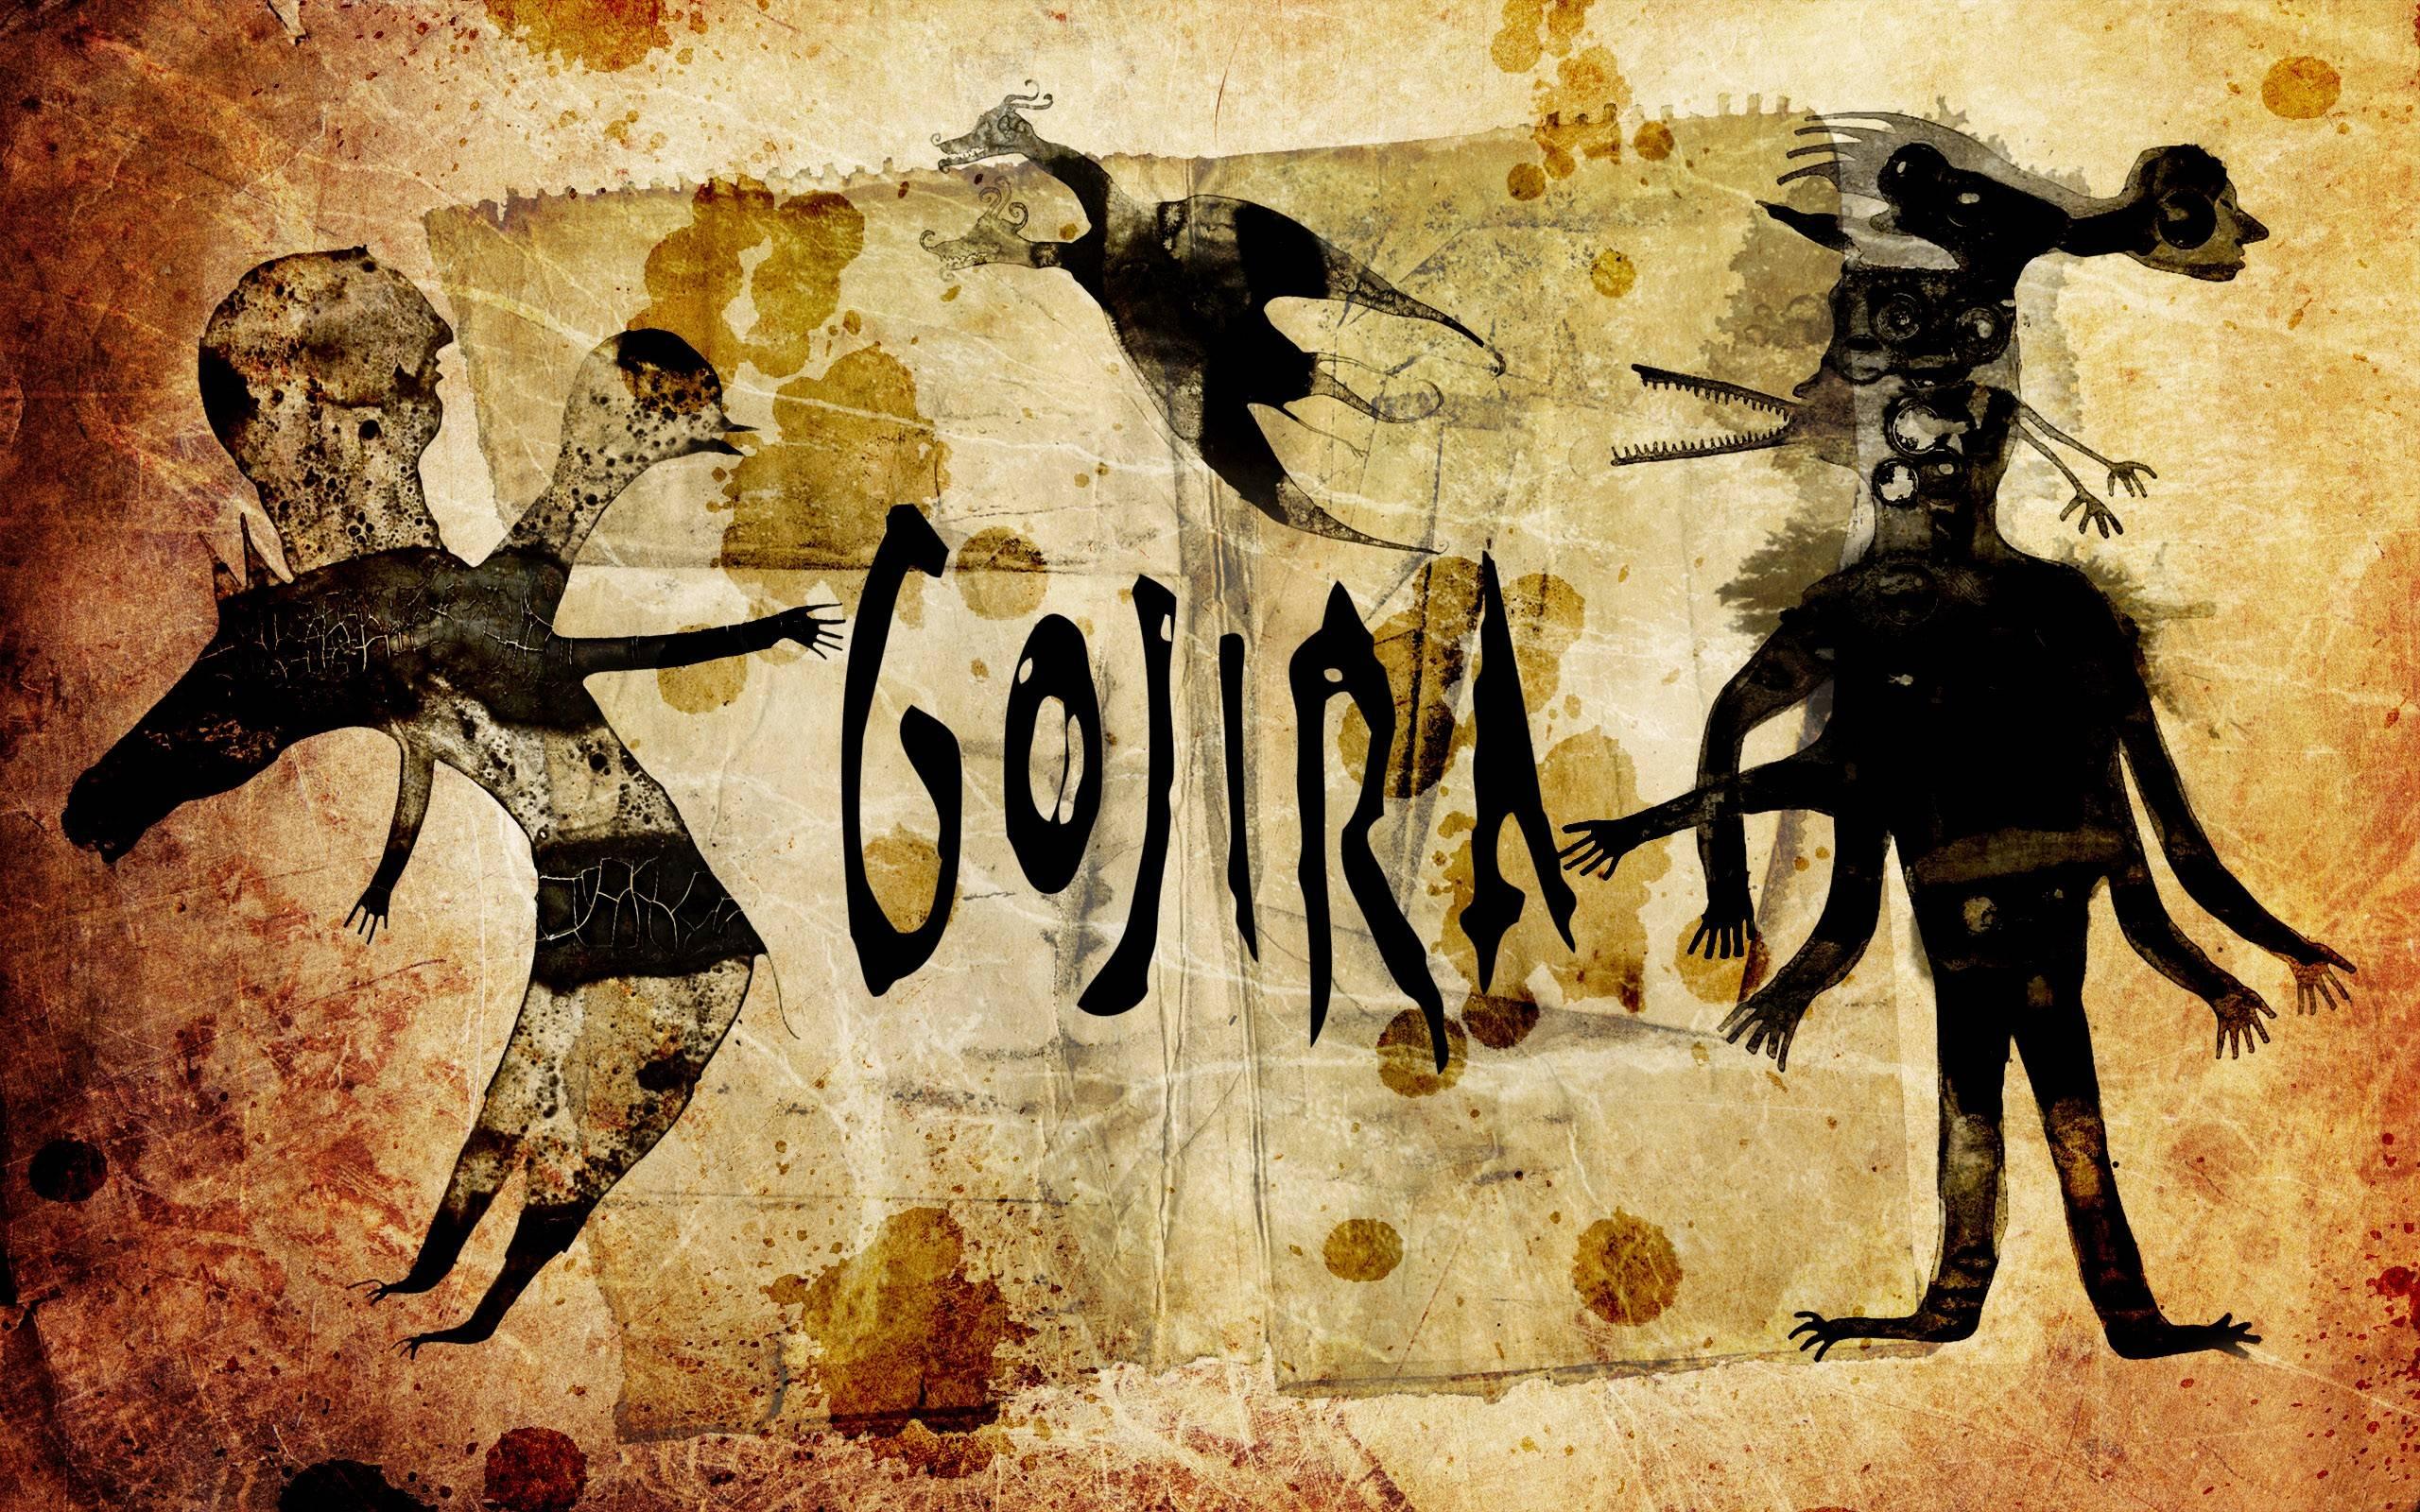 Music Gojira 25601600 Wallpaper 1718885 2560x1600